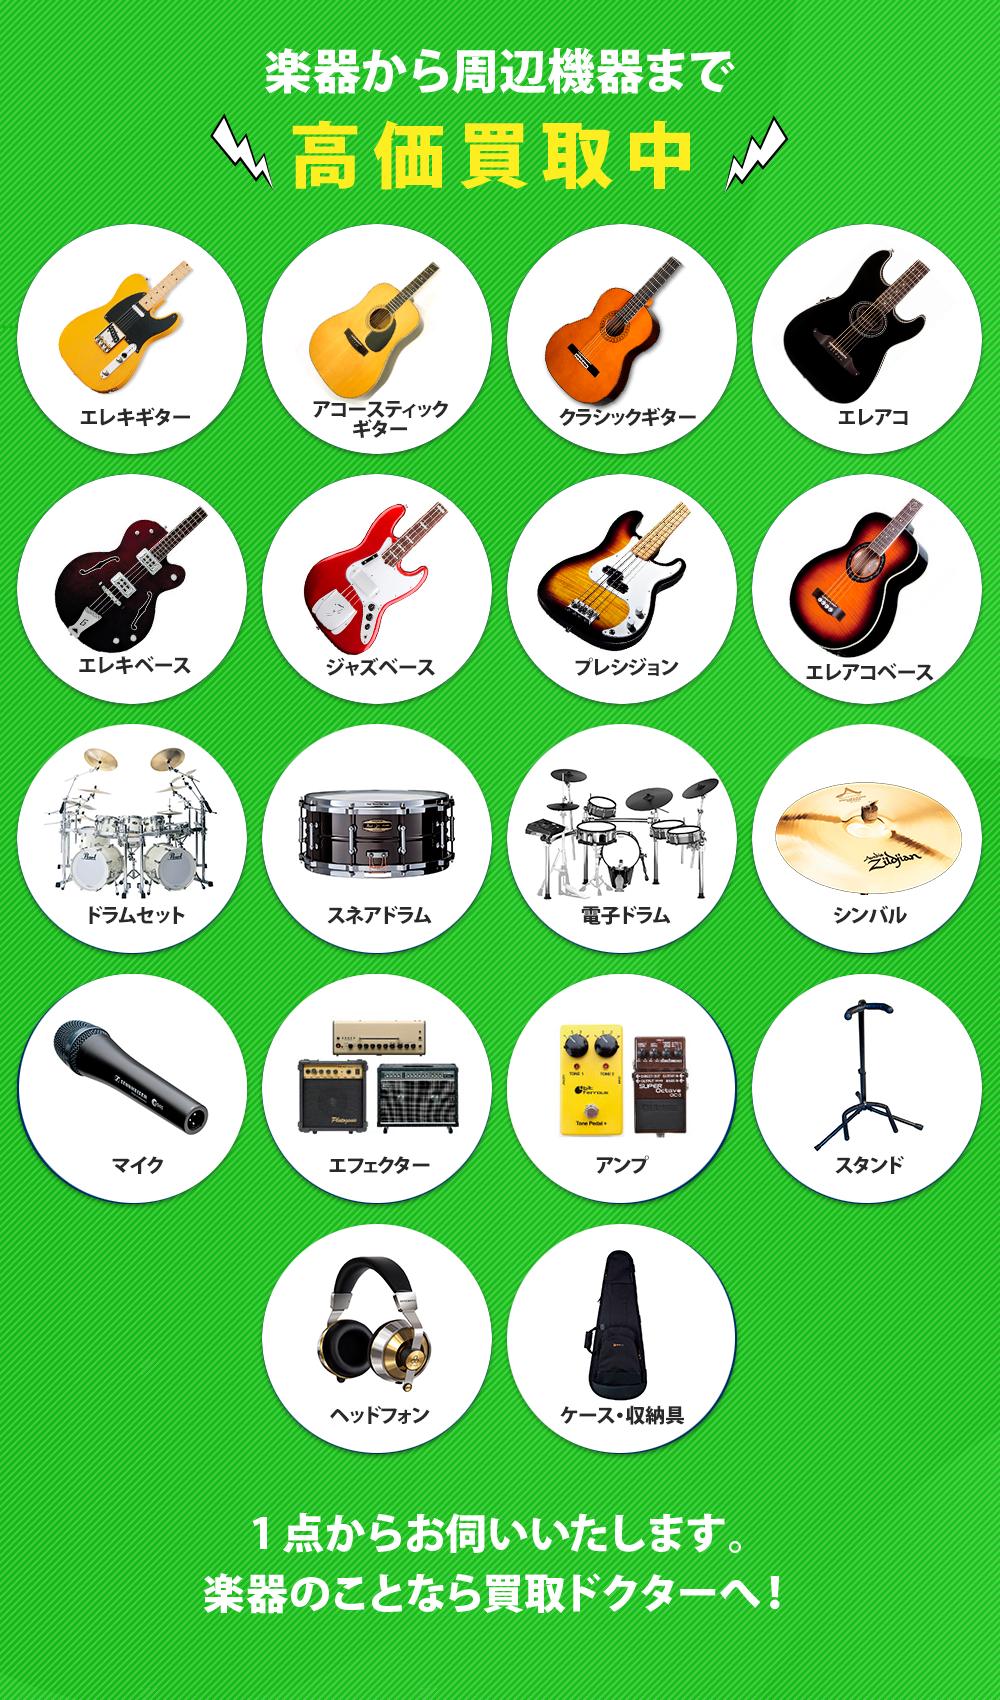 楽器から周辺機器まで高価買取中